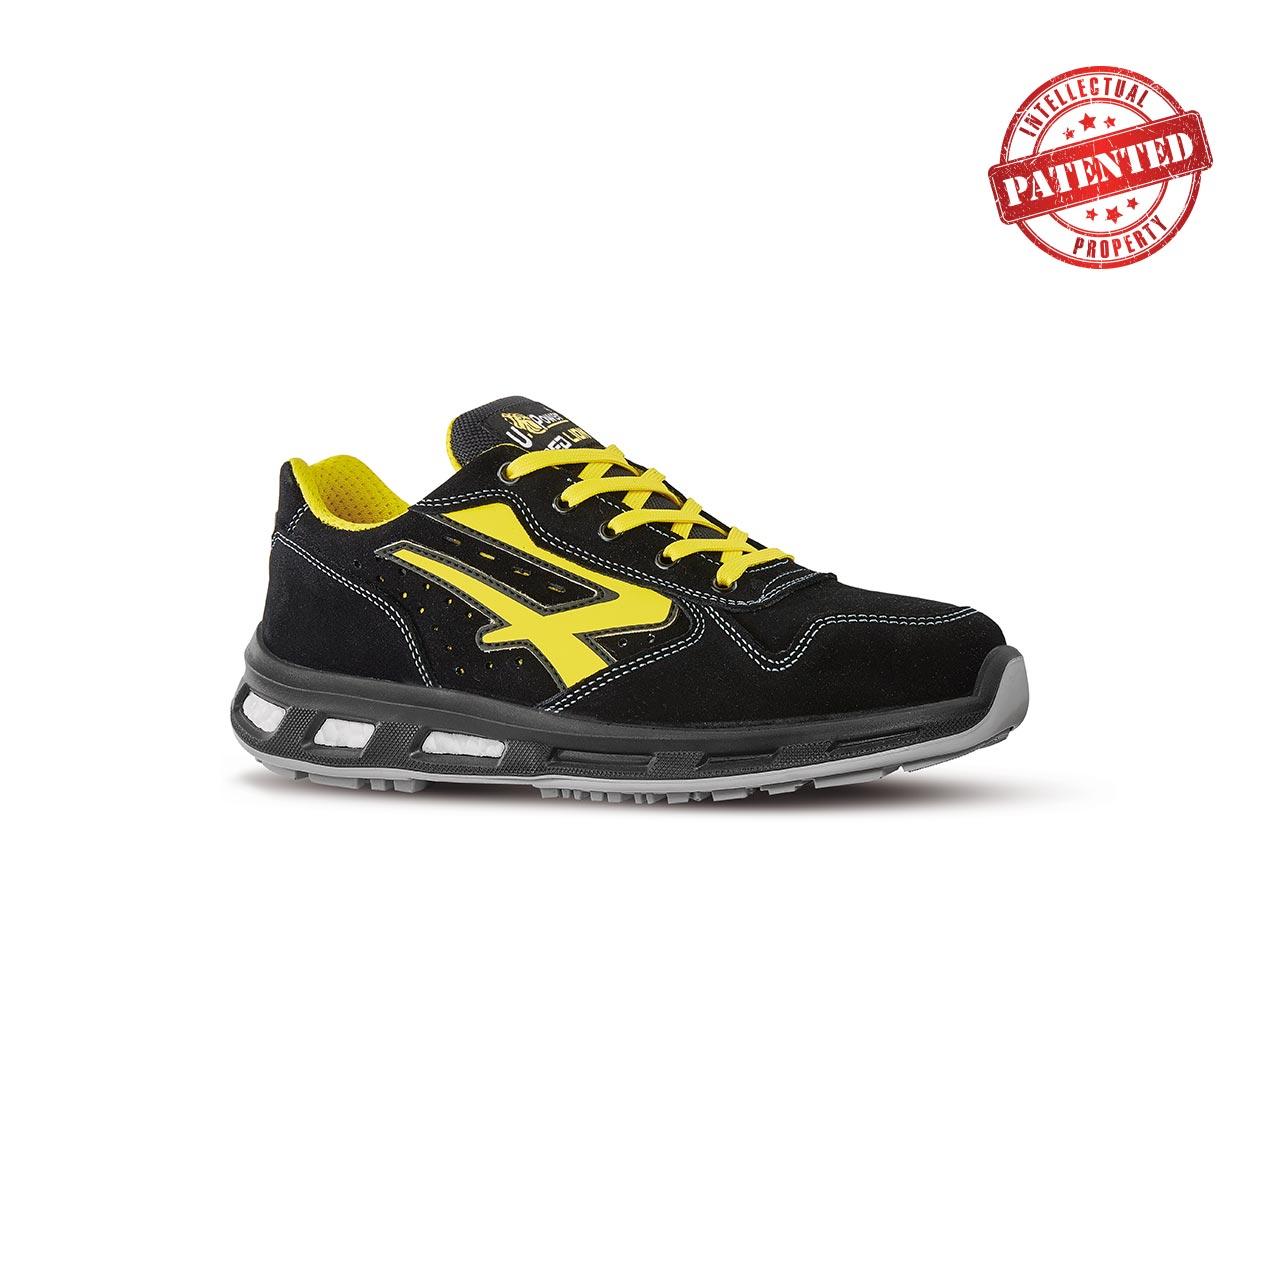 scarpa antinfortunistica upower modello axel linea redlion vista laterale